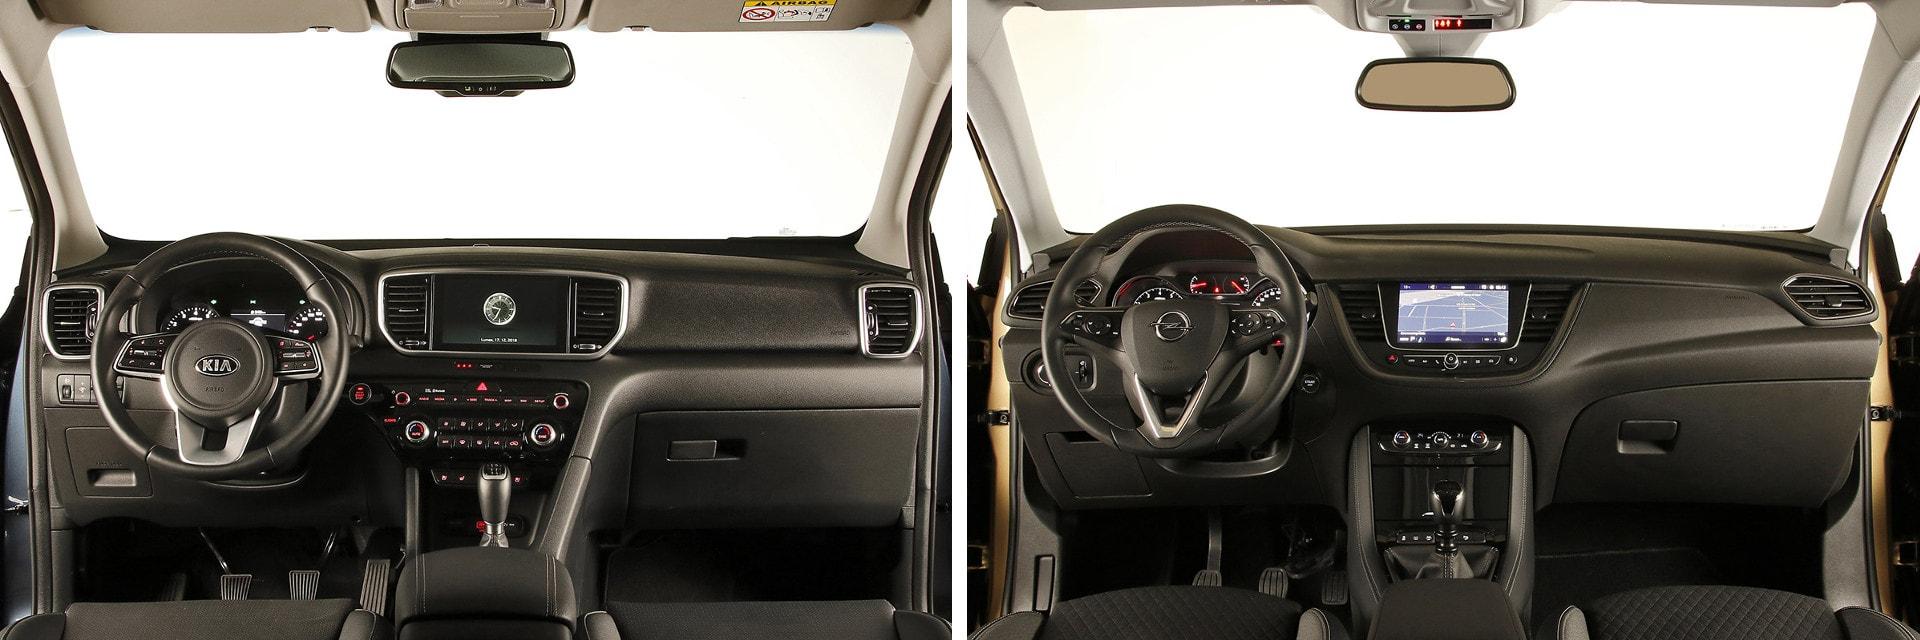 Tanto el interior del KIA (izq.) como el del Opel (dcha.) están hechos con materiales de recubrimiento de calidad.